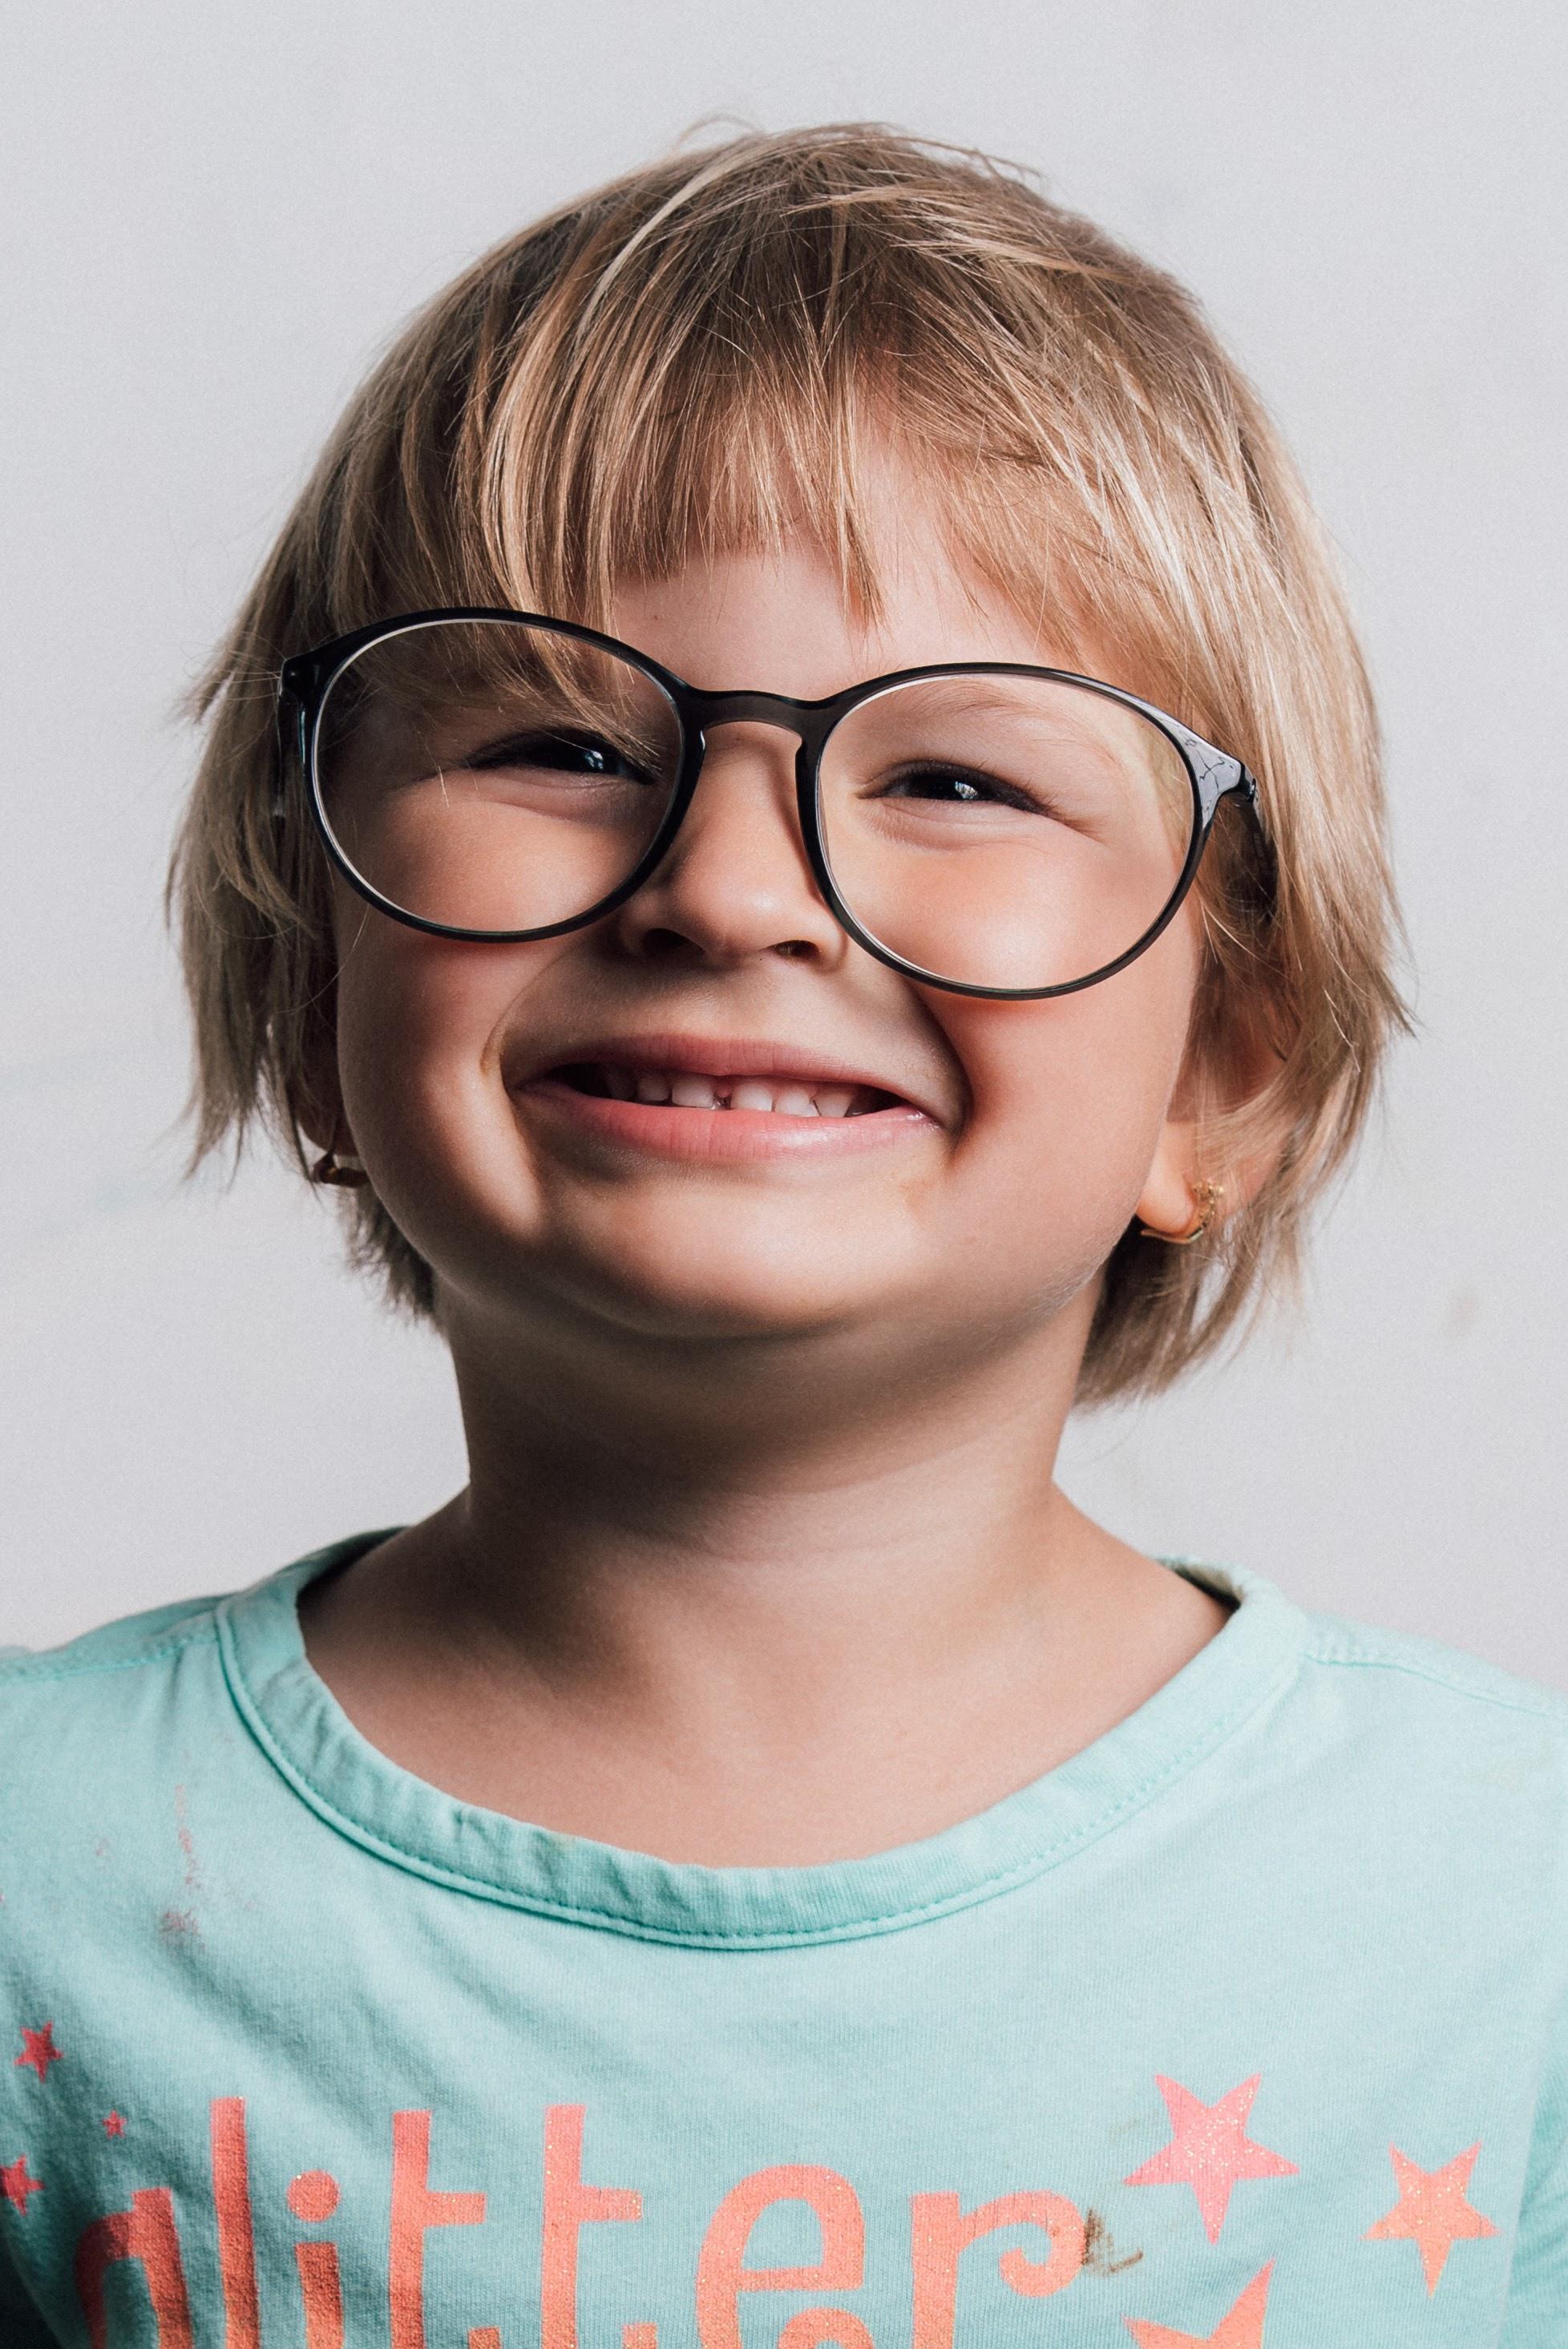 Portrait Kindergartenmädchen